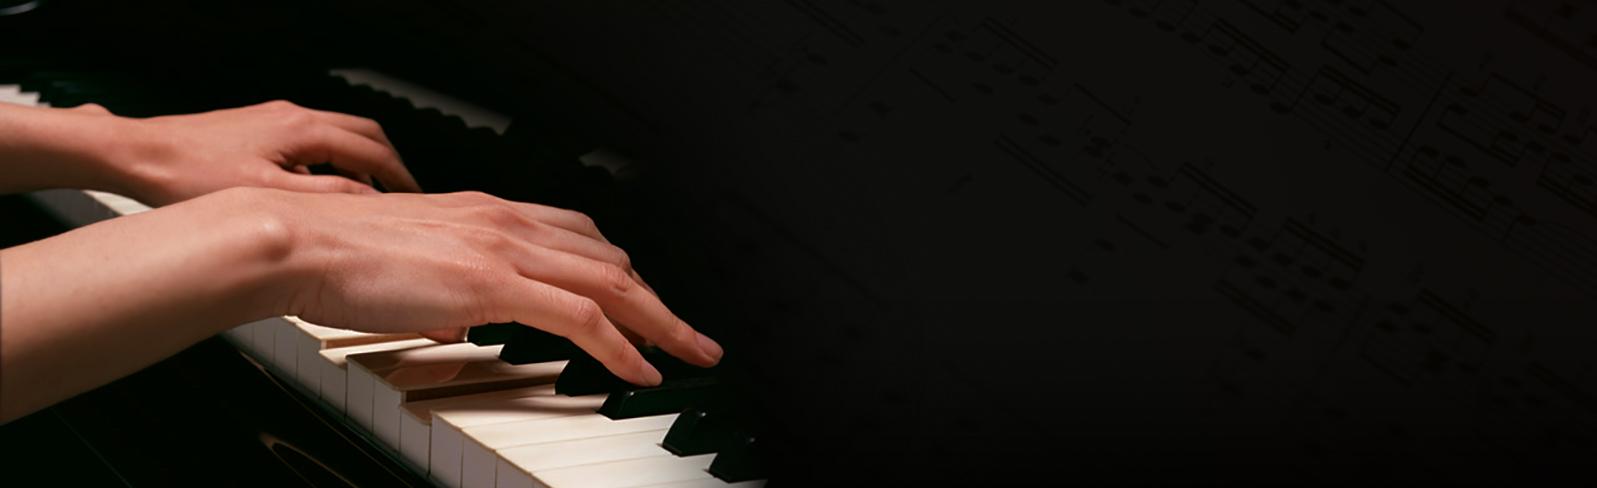 打鍵する直前の指の使い方を学ぶことであなたの音を劇的に変えます。